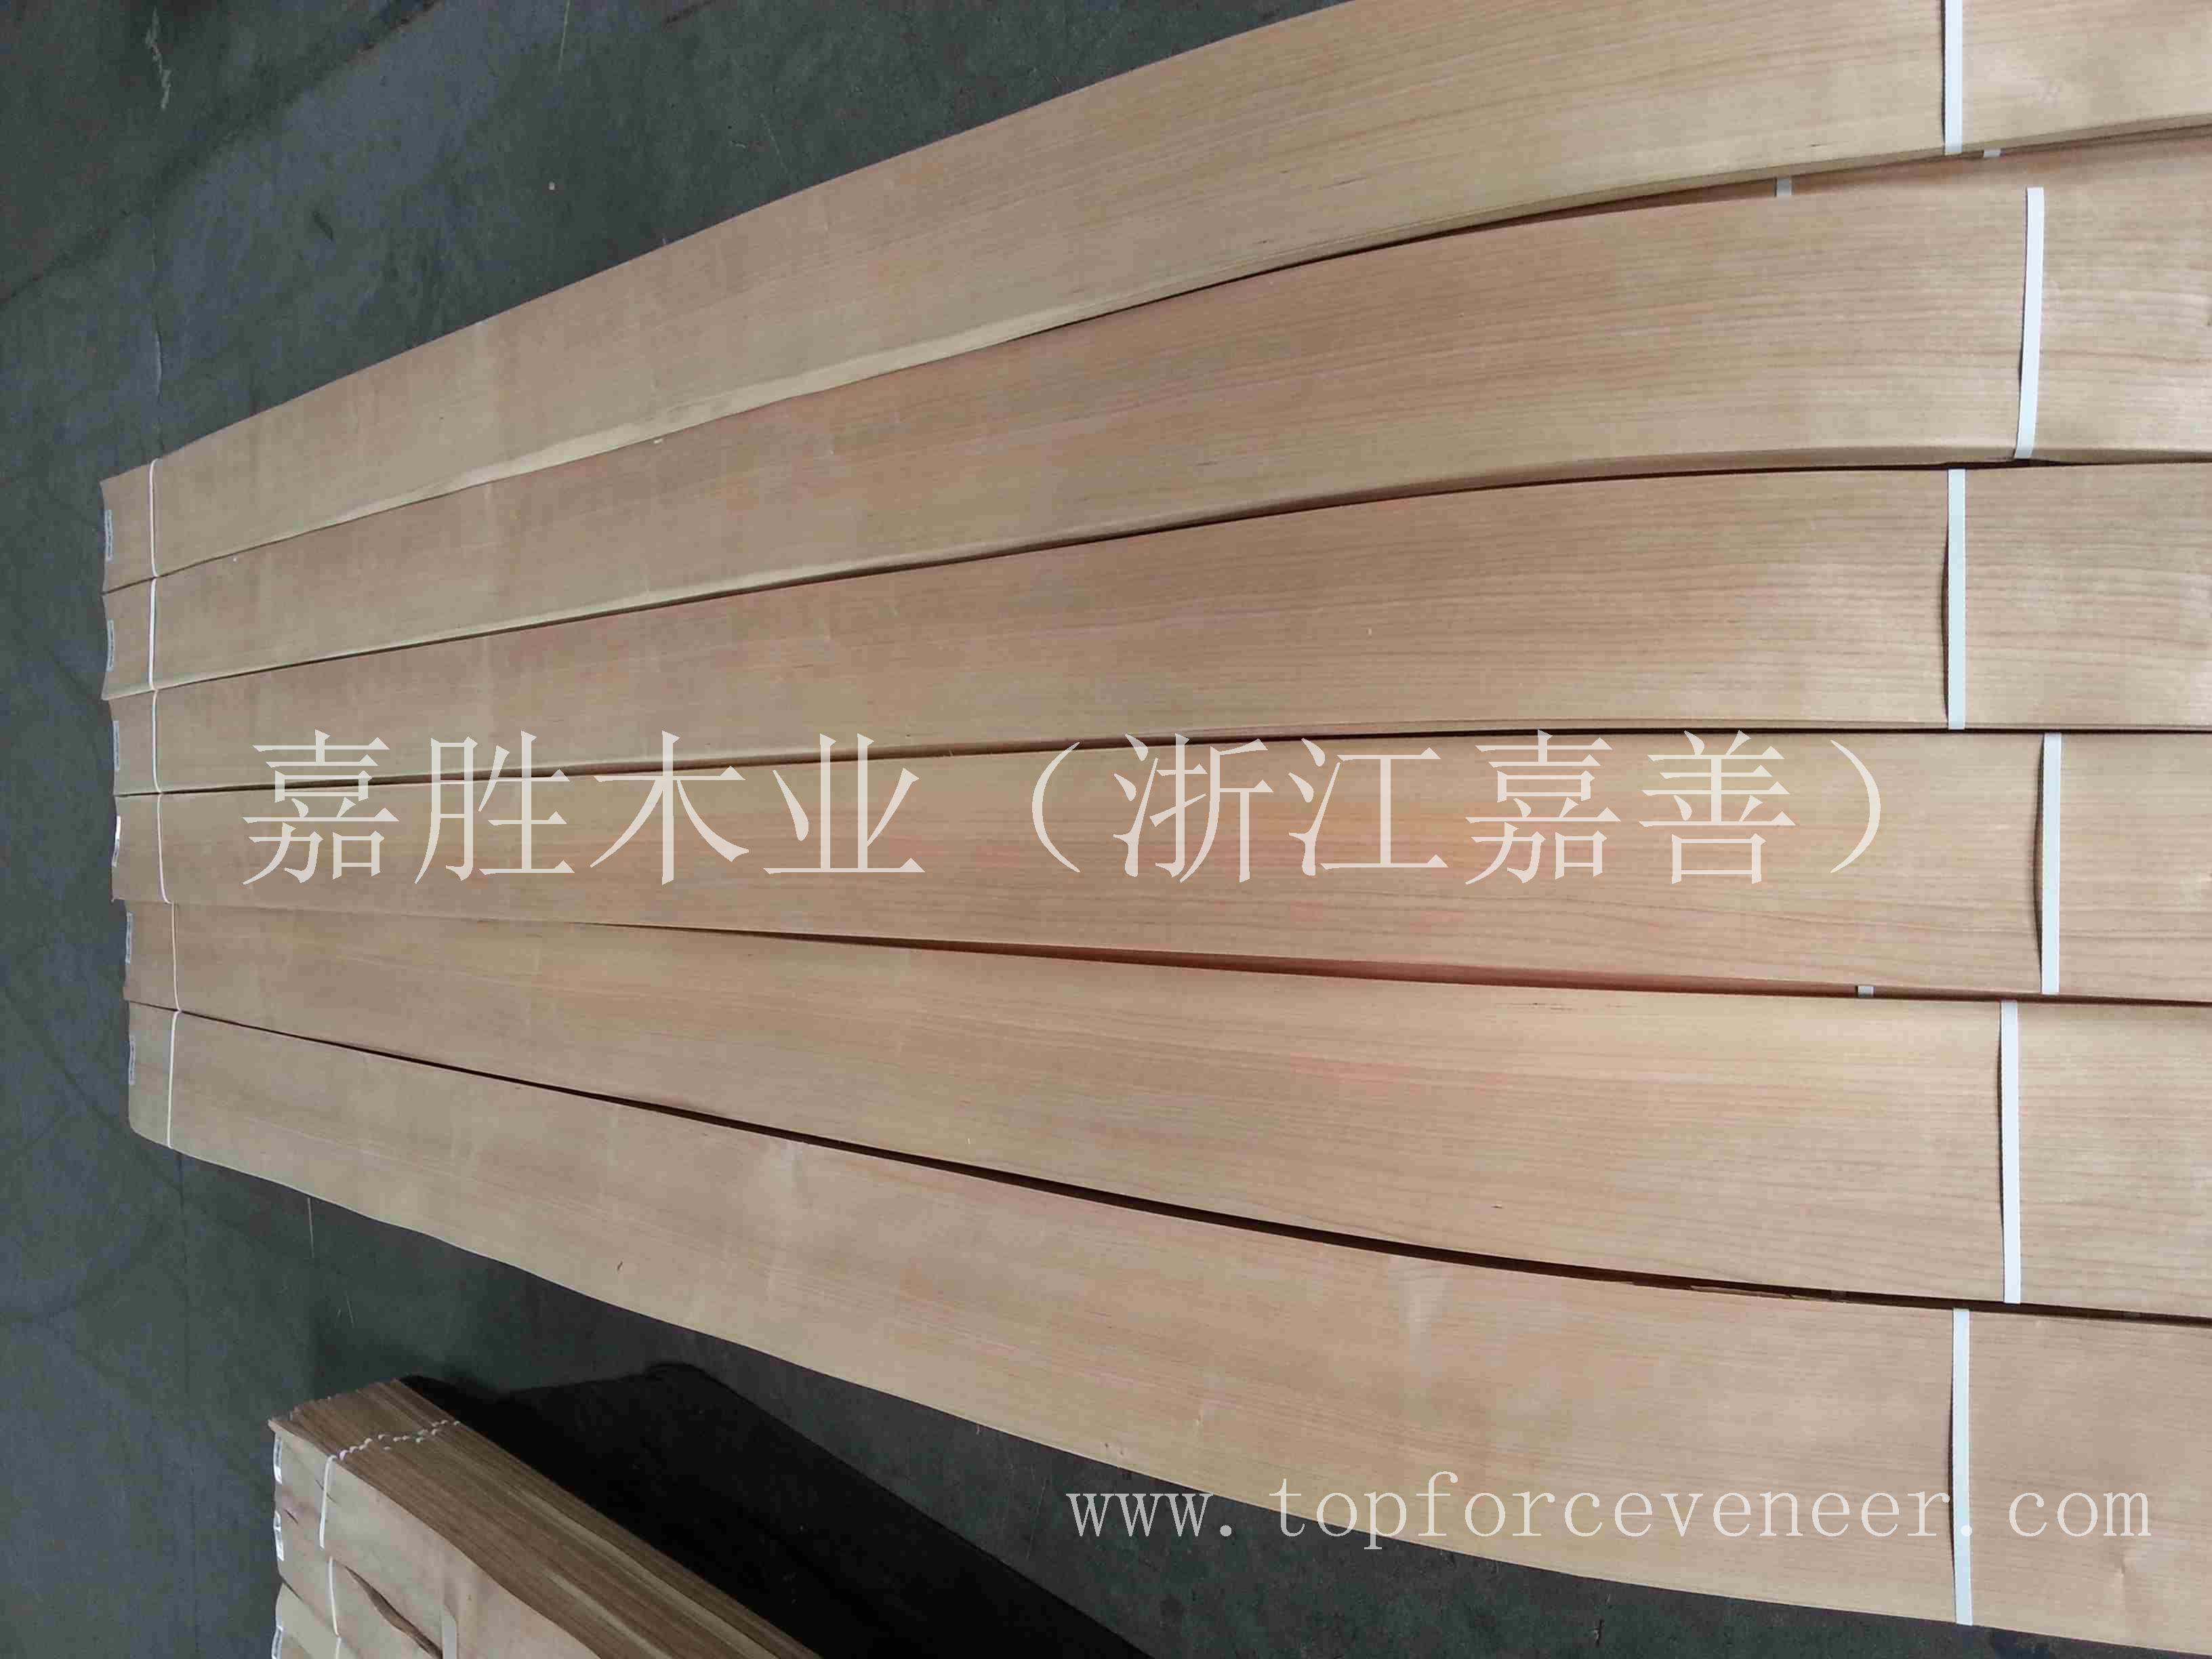 上海美国樱桃直纹木皮AAA-ShangHai American Black Cherry Quarter Cut Veneer 嘉胜木业(浙江嘉善) TOPFORC